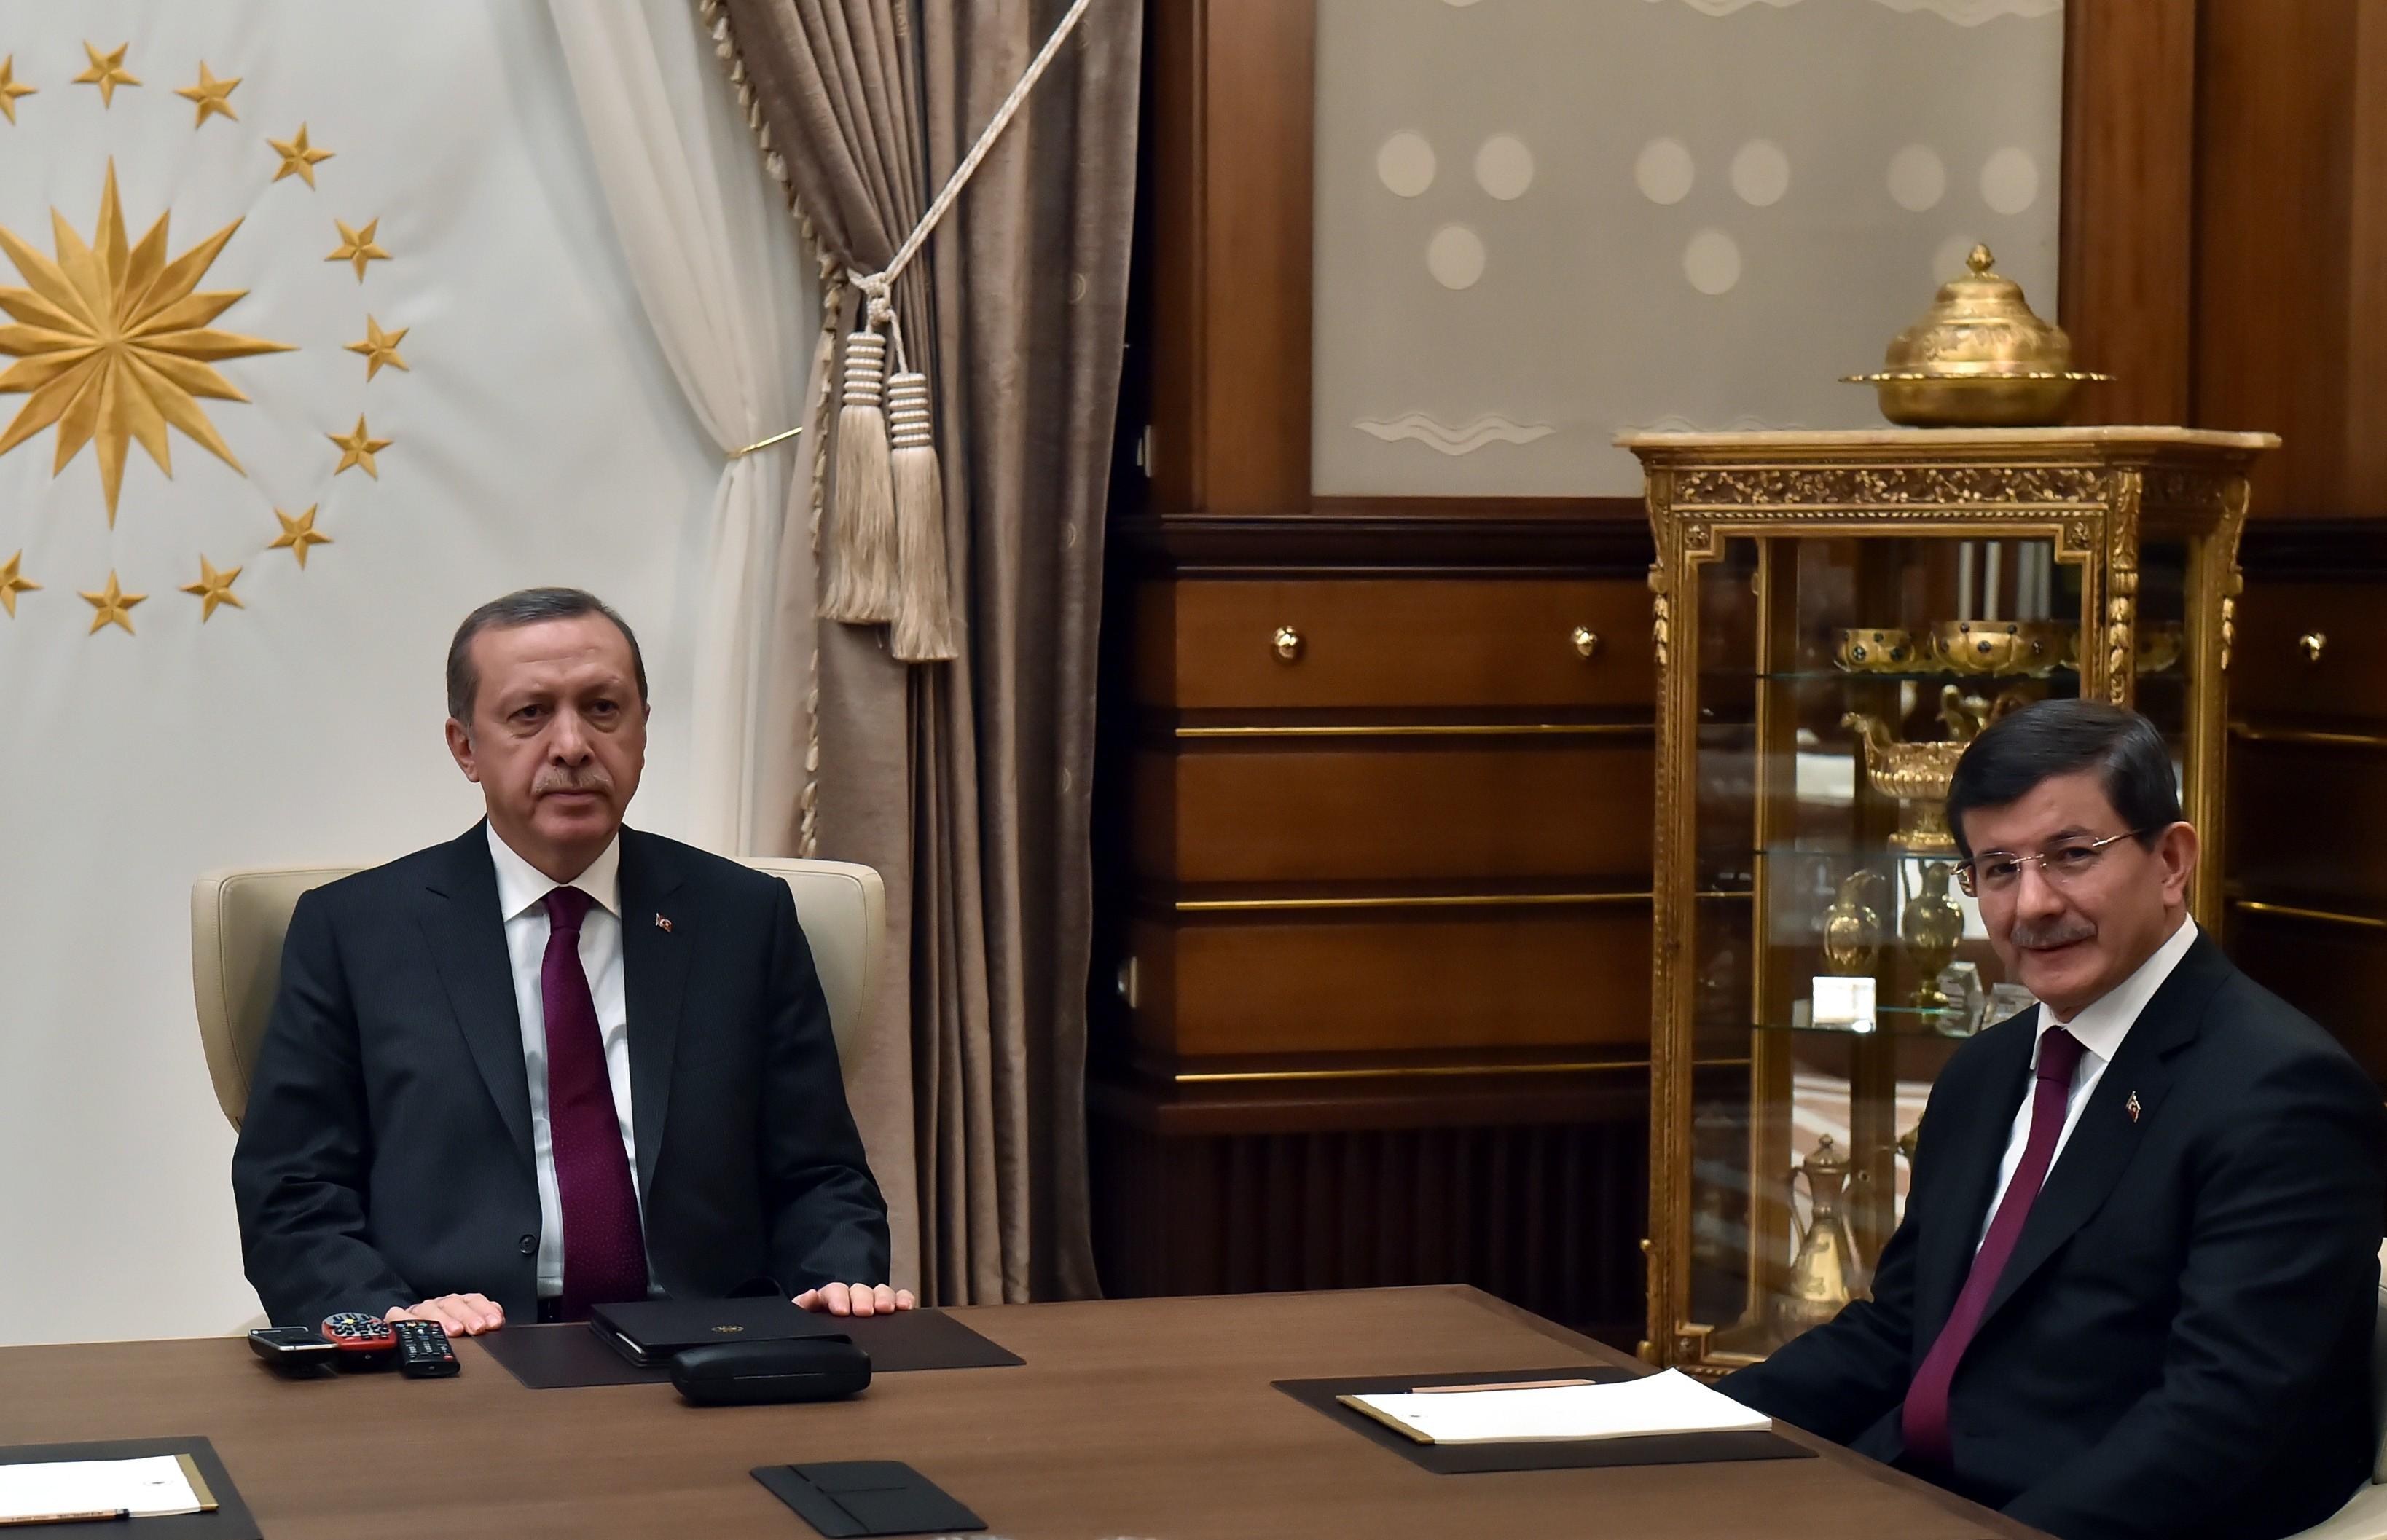 Cumhurbaşkanı Recep Tayyip Erdoğan, Başbakan Ahmet Davutoğlu'nu kabul etti.  (Murat Çetinmühürdar/Cumhurbaşkanlığı - Anadolu Ajansı)